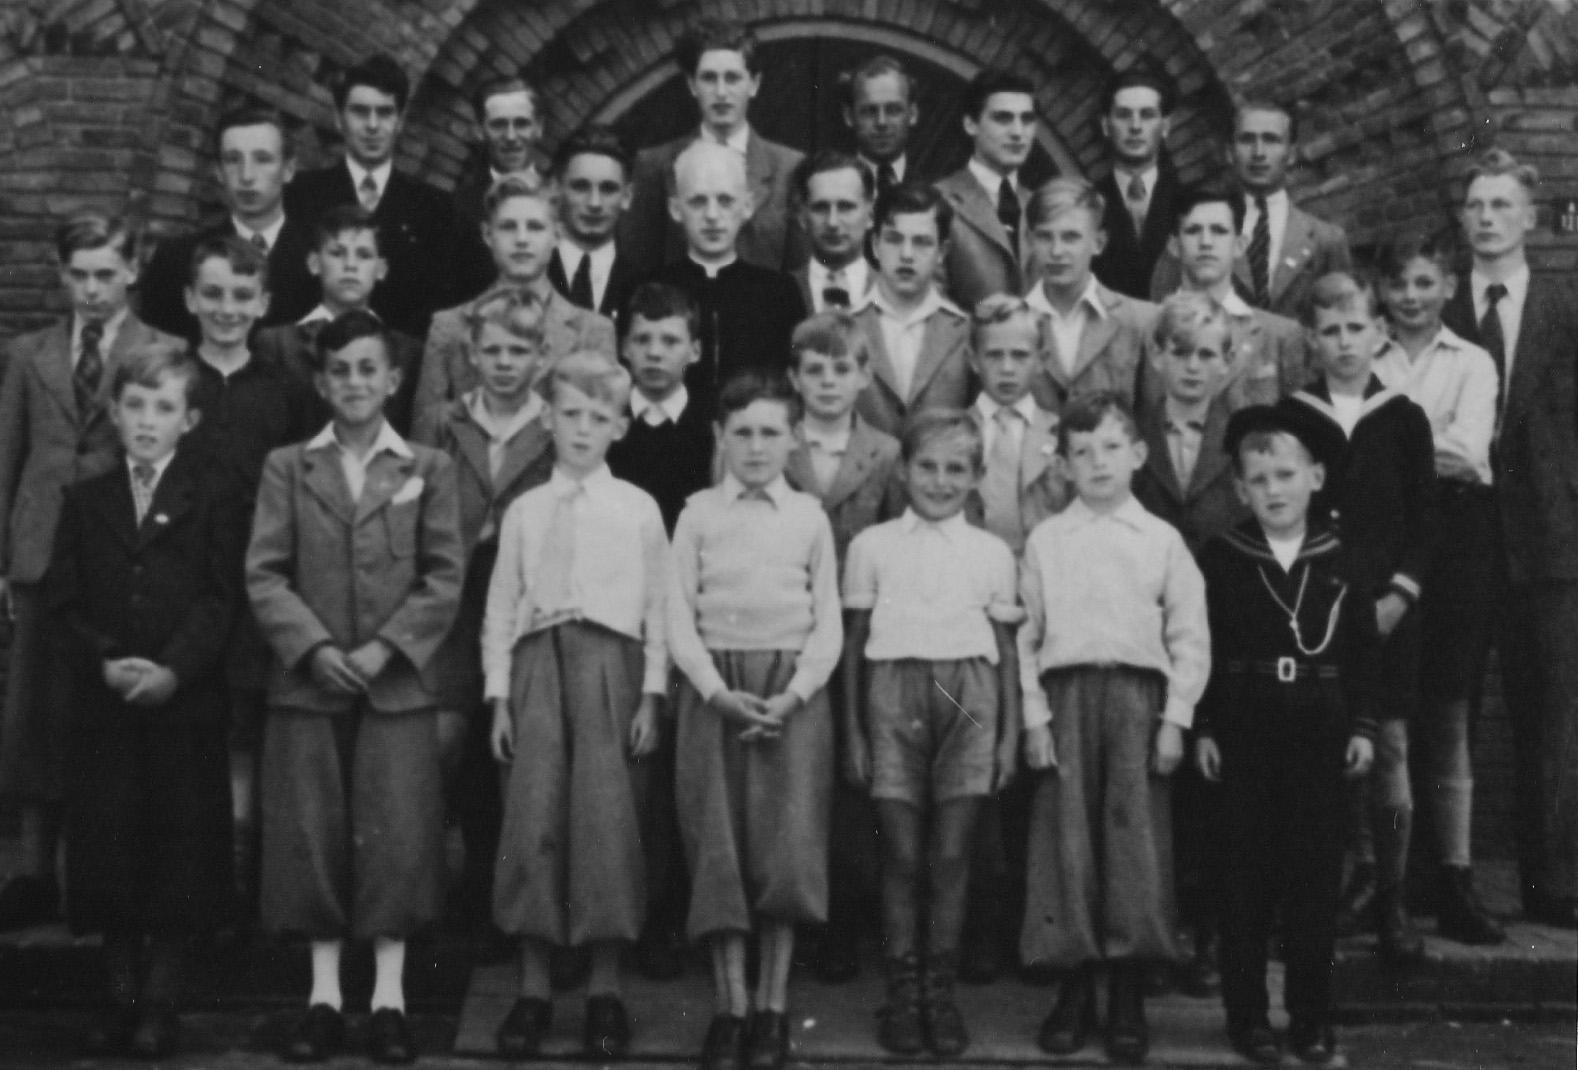 1947, Misdienaars, Michaelkerk